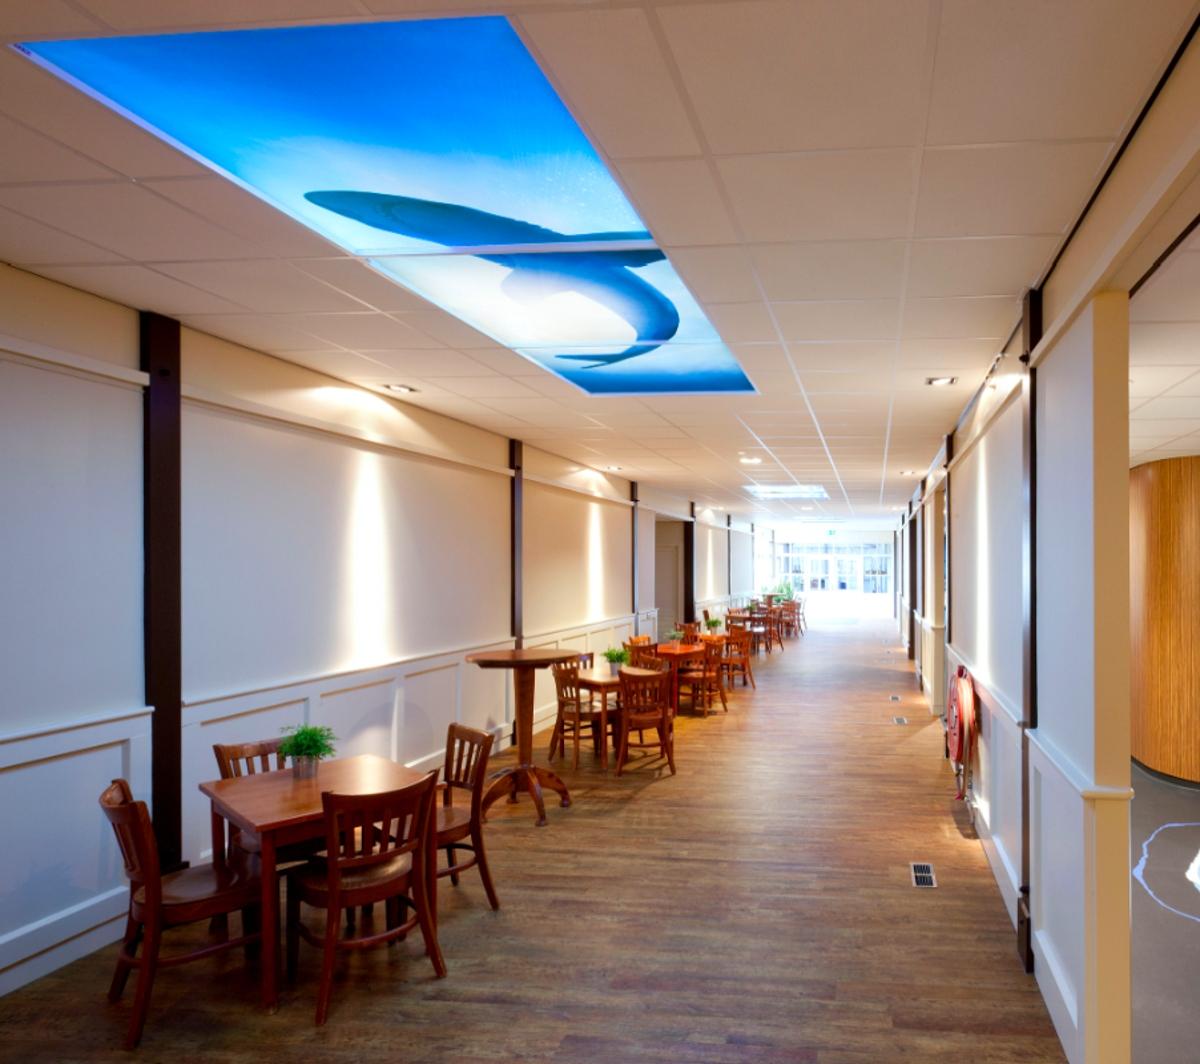 Plafond LED lumineux pour espace de passage